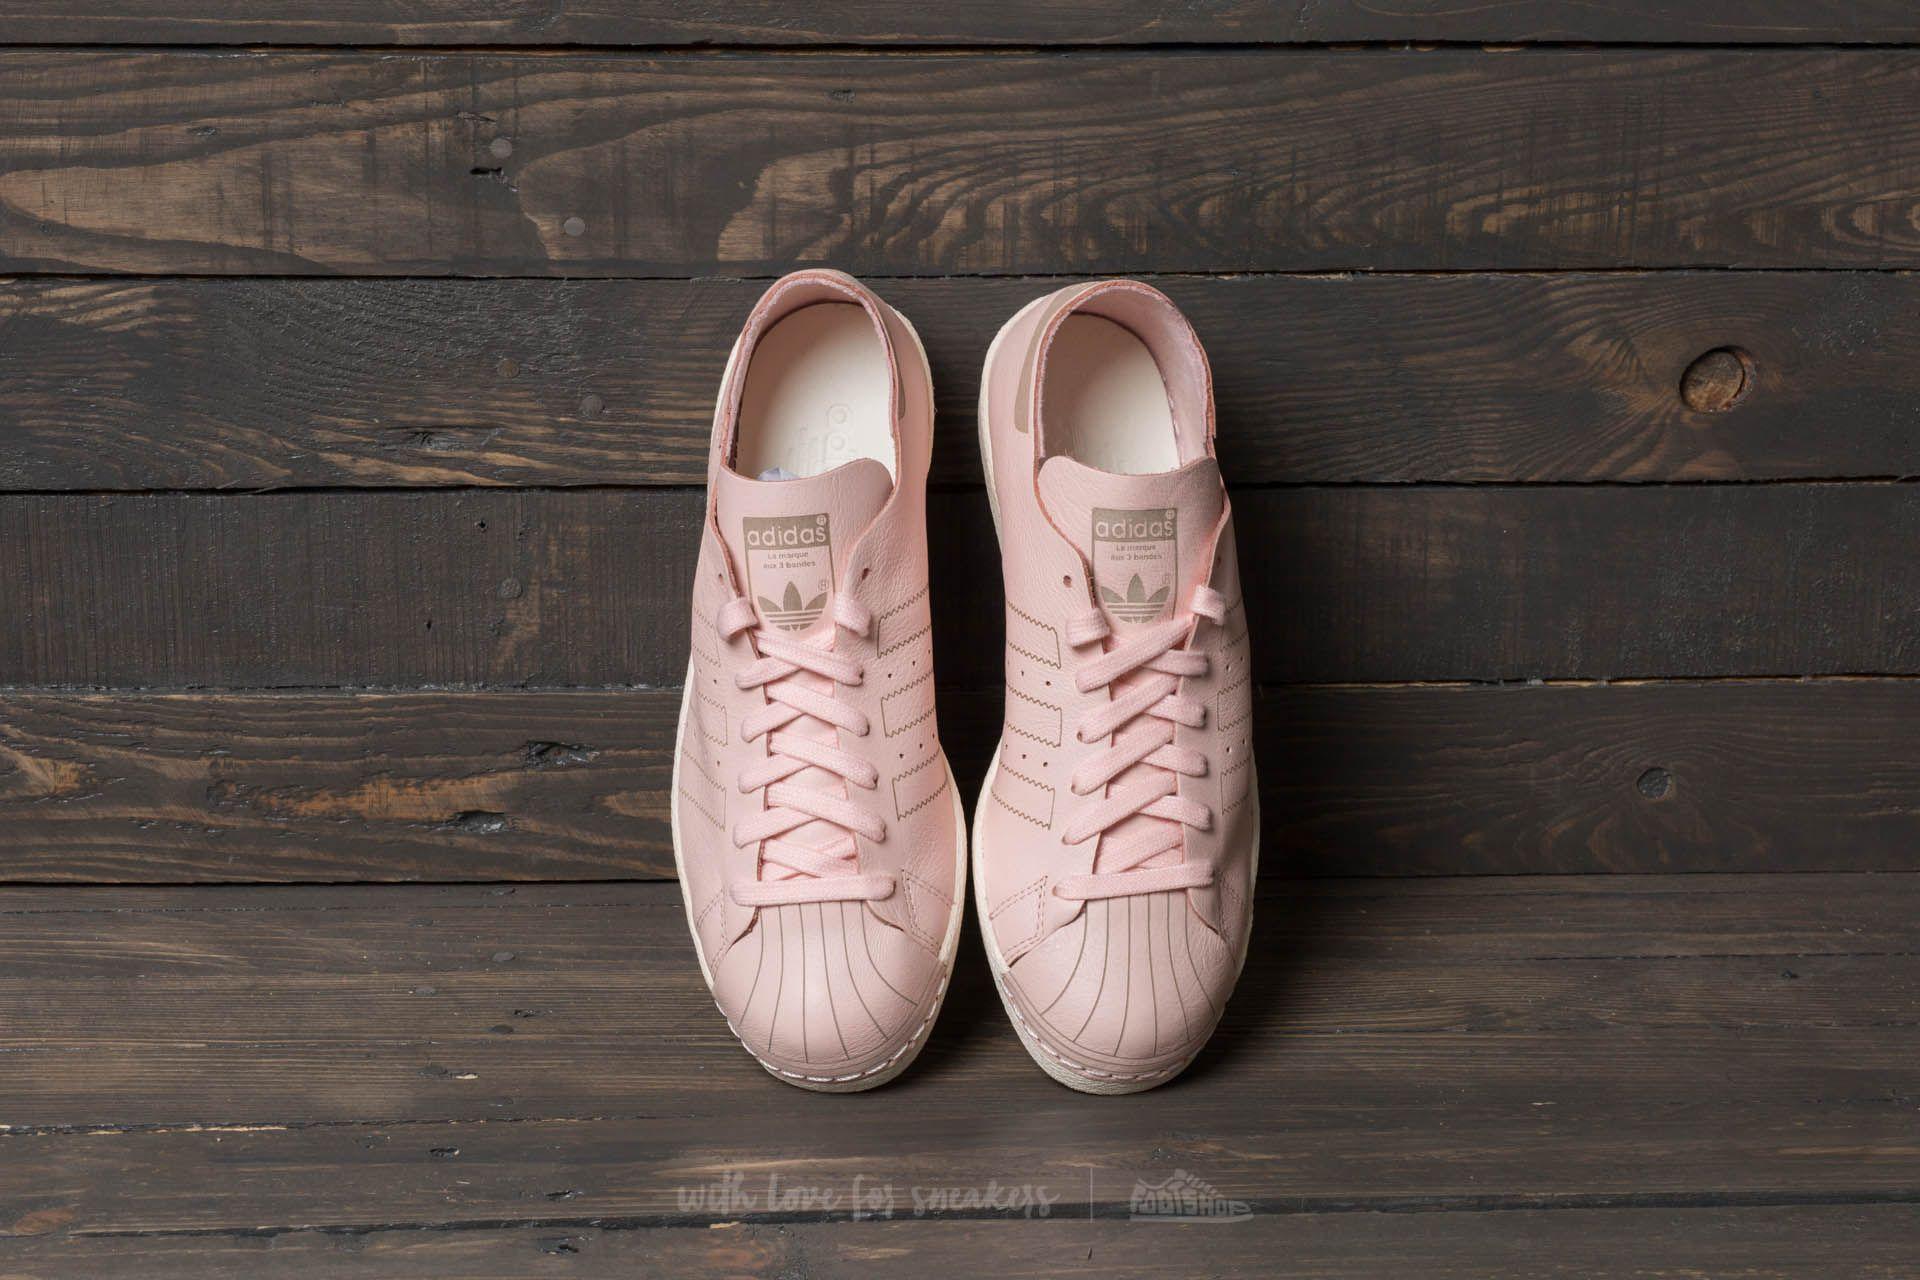 Adidas Superstar 80s Decon W